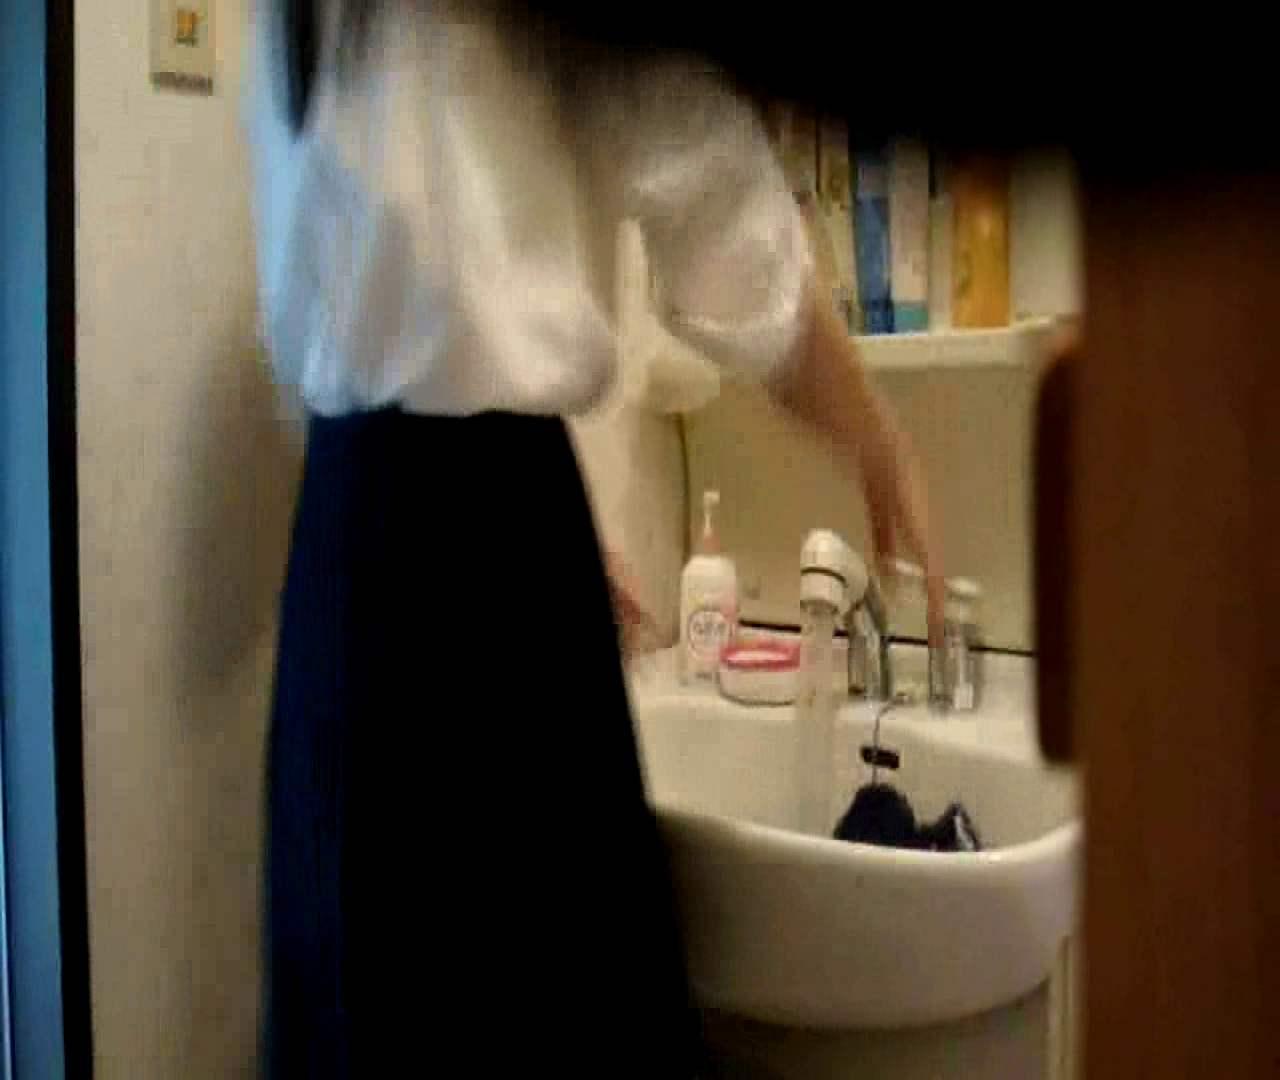 二人とも育てた甲斐がありました… vol.05 まどかが洗顔後にブラを洗濯 HなOL | 0  98pic 20